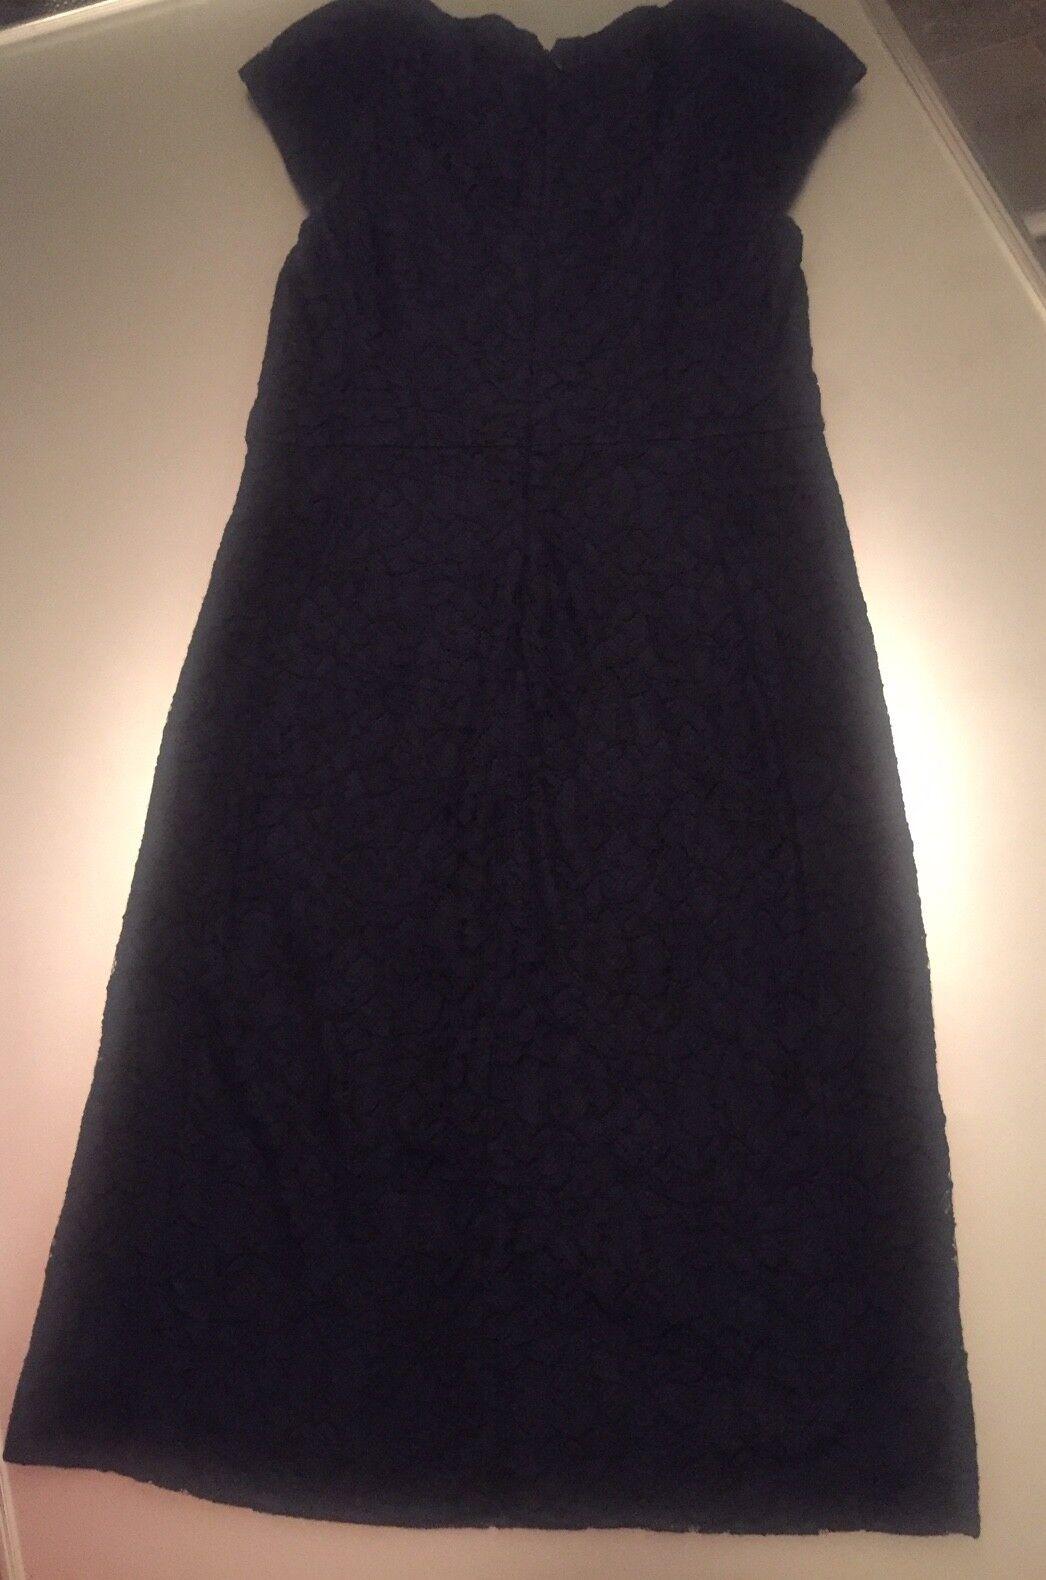 Diane von Fürstenberg Kleid Cocktailkleid Neu mit Etikett in Navy Blau Gr. 10